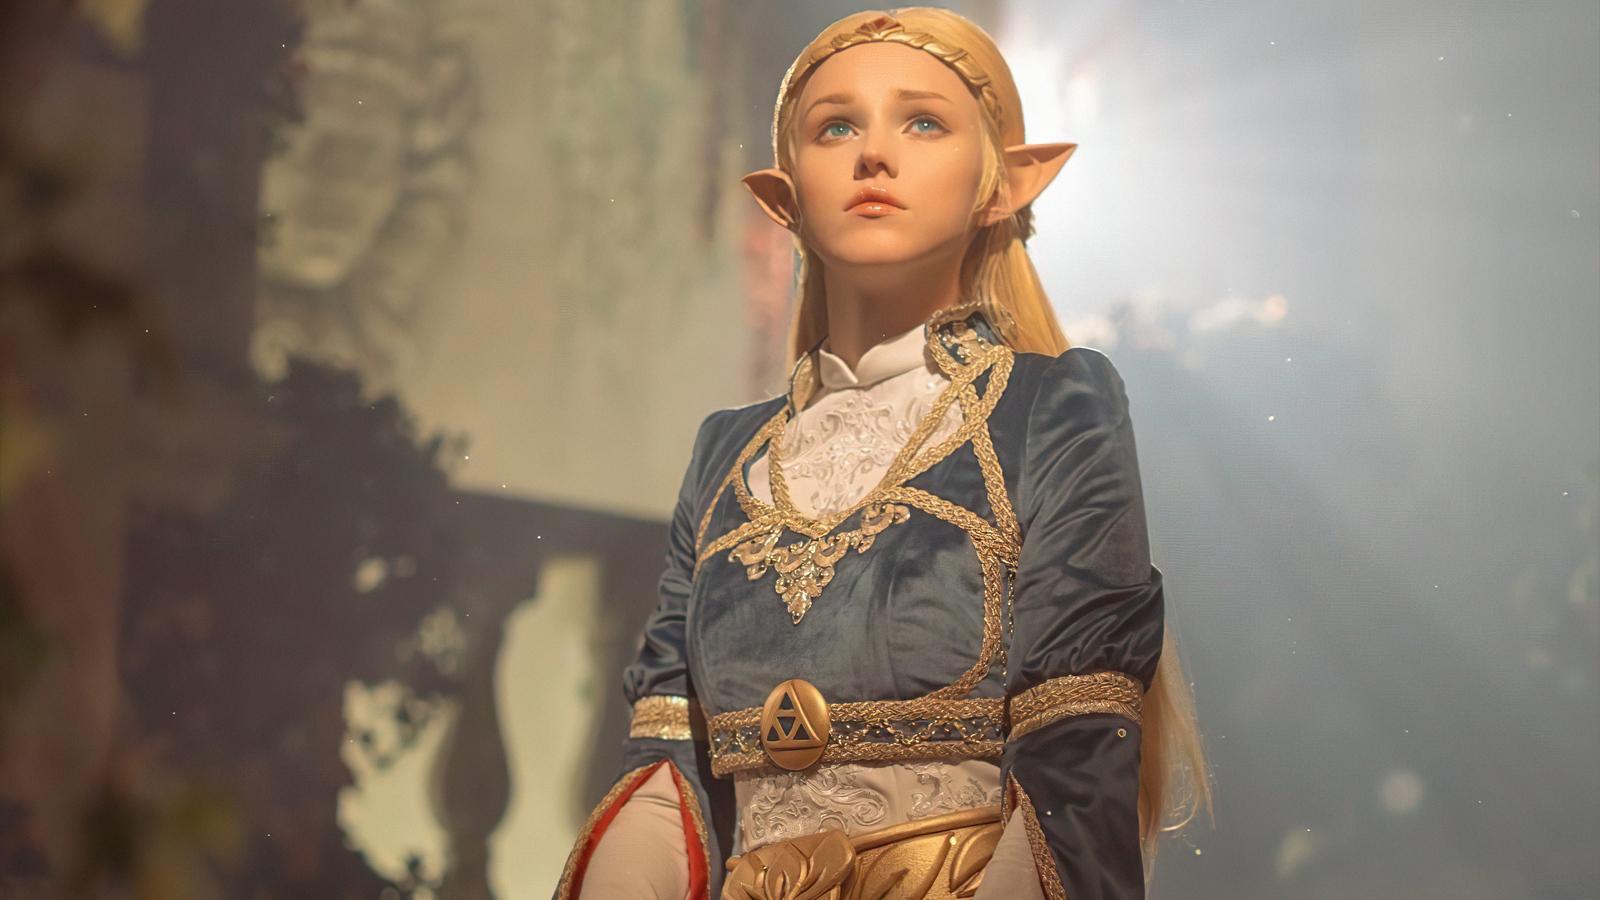 zelda-cosplay-4k-hn.jpg